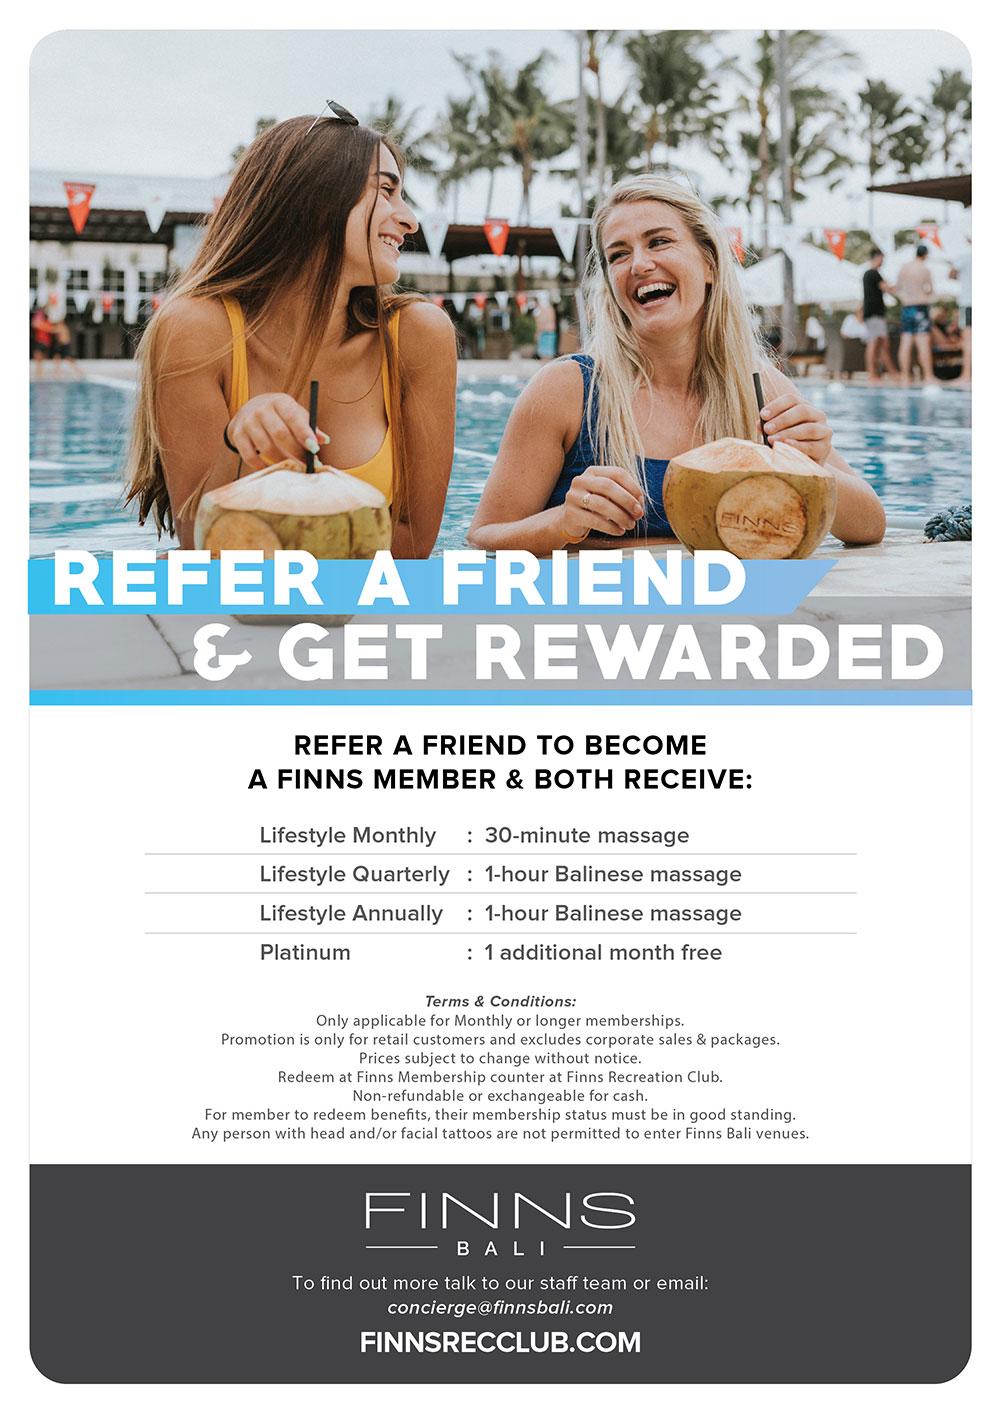 Refer a Friend & Get Rewarded